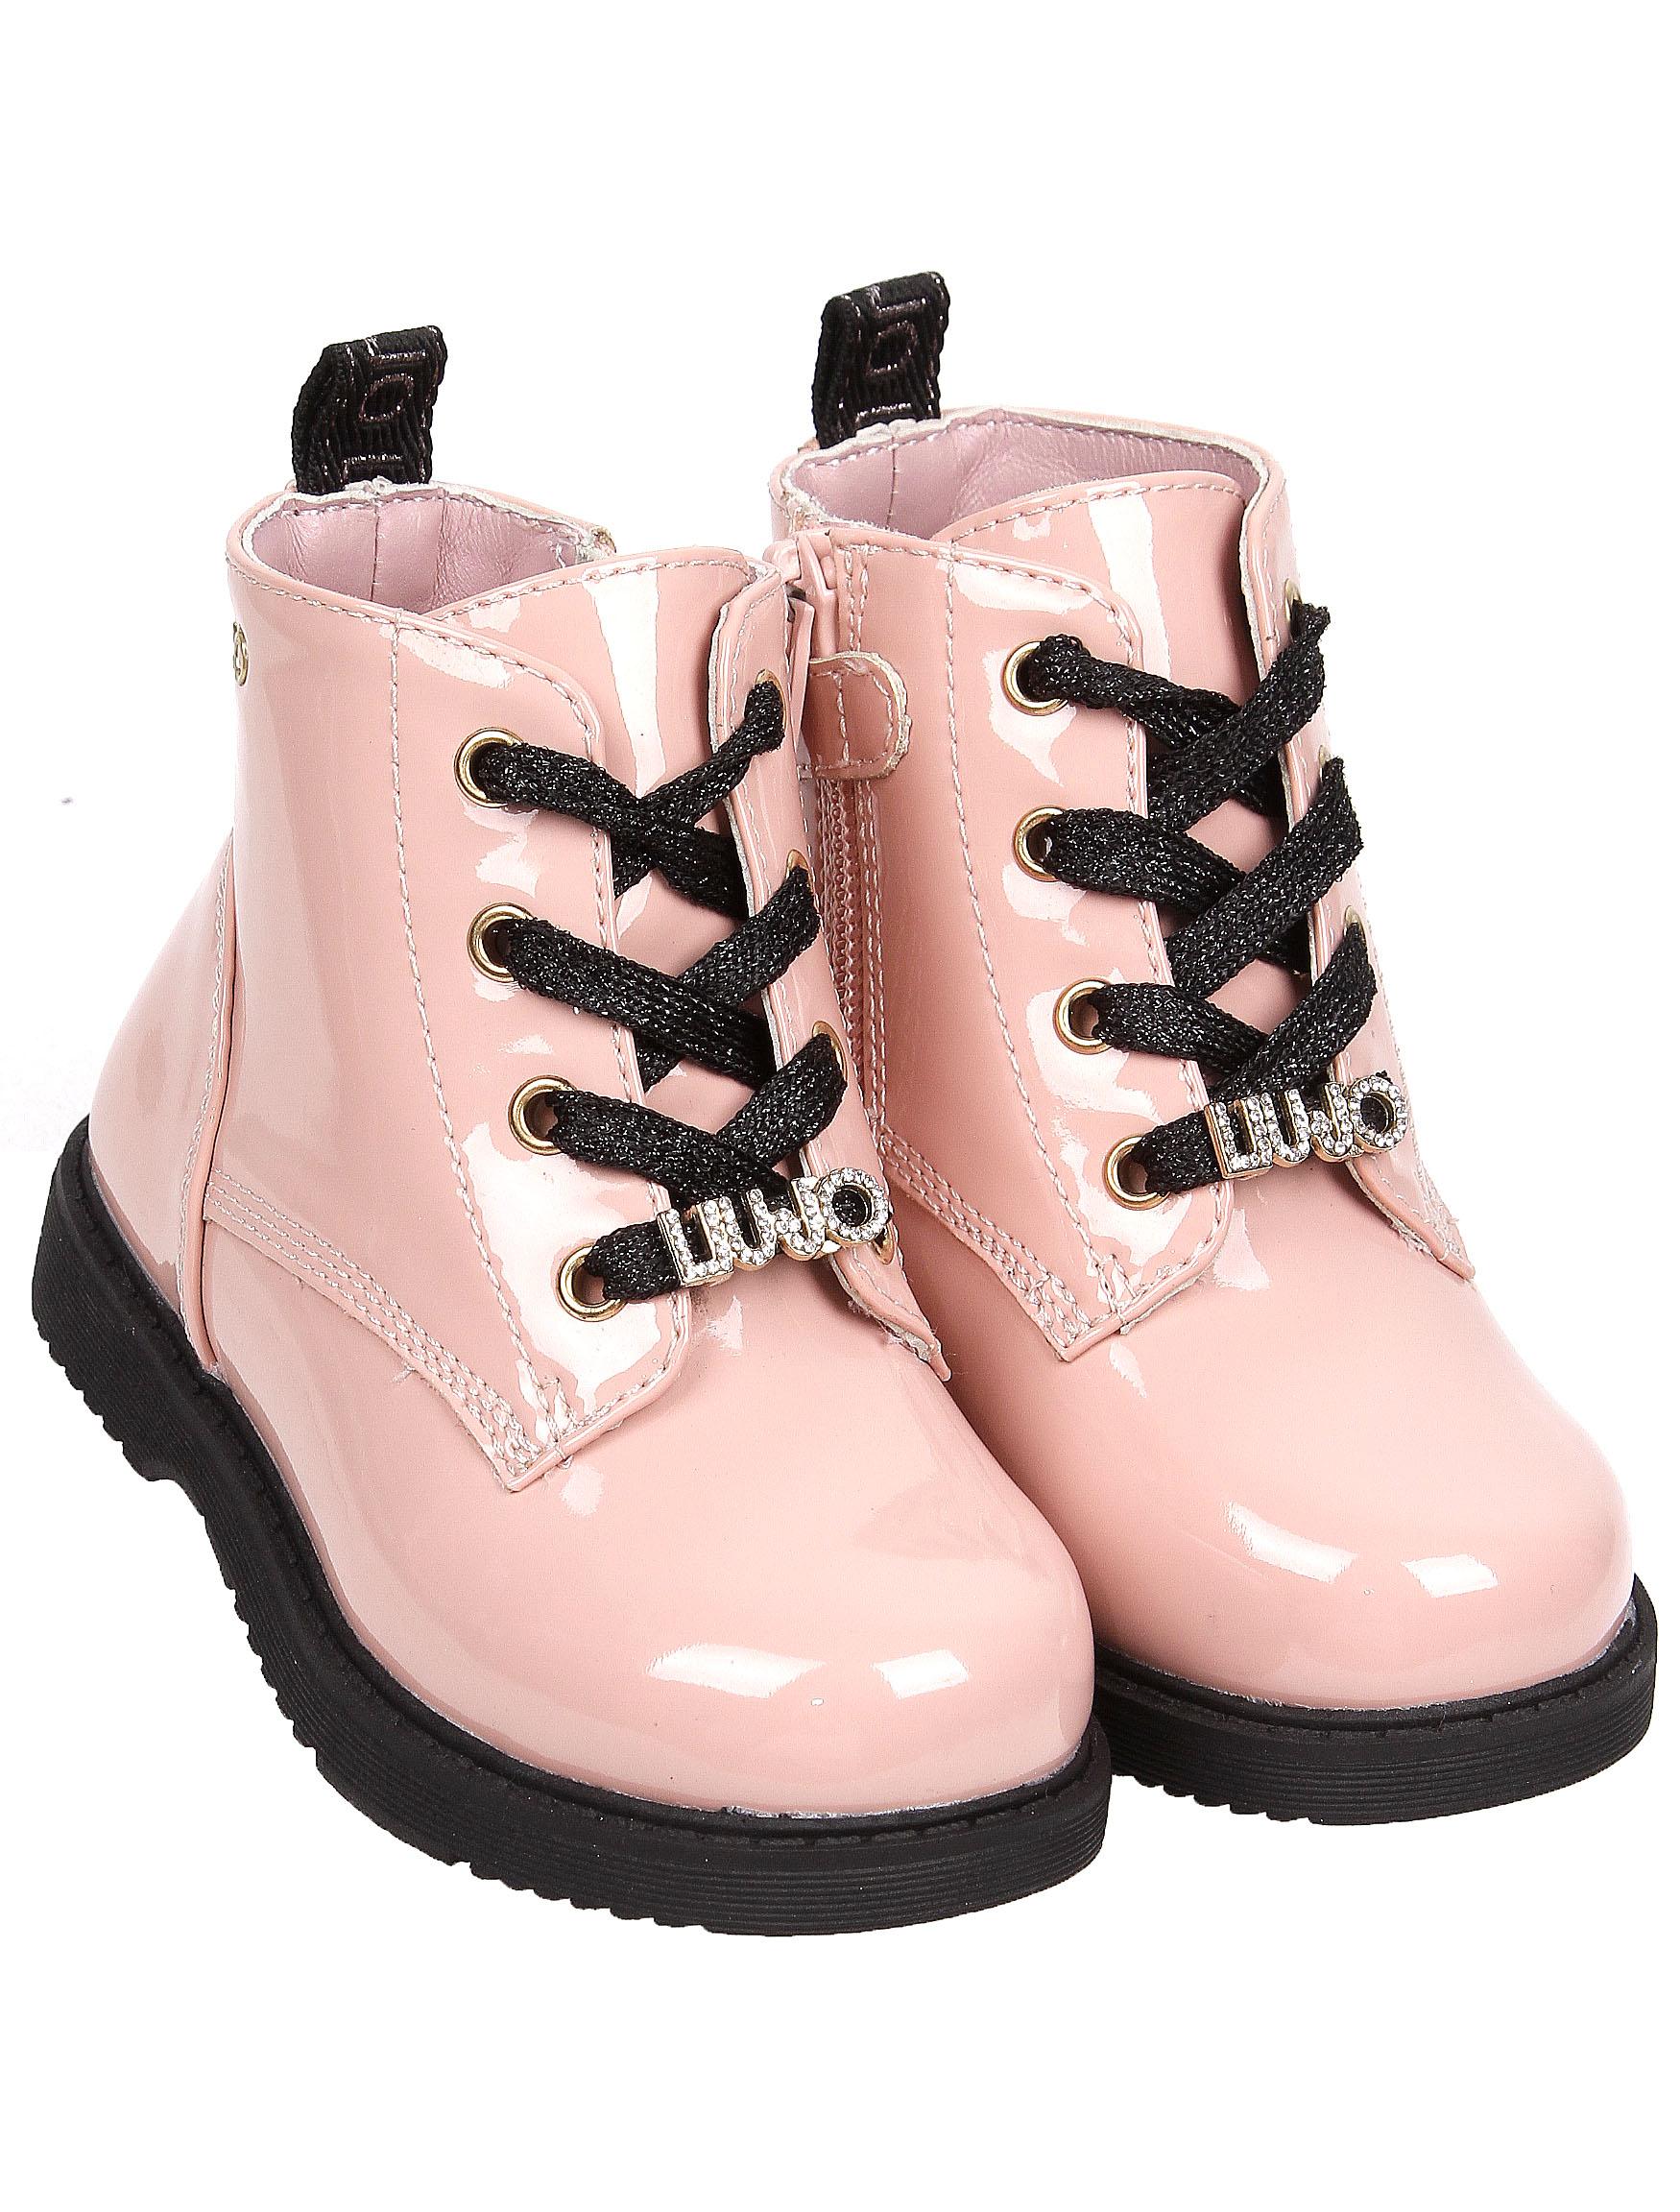 2254910, Ботинки Liu Jo Junior, розовый, Женский, 2034509083002  - купить со скидкой